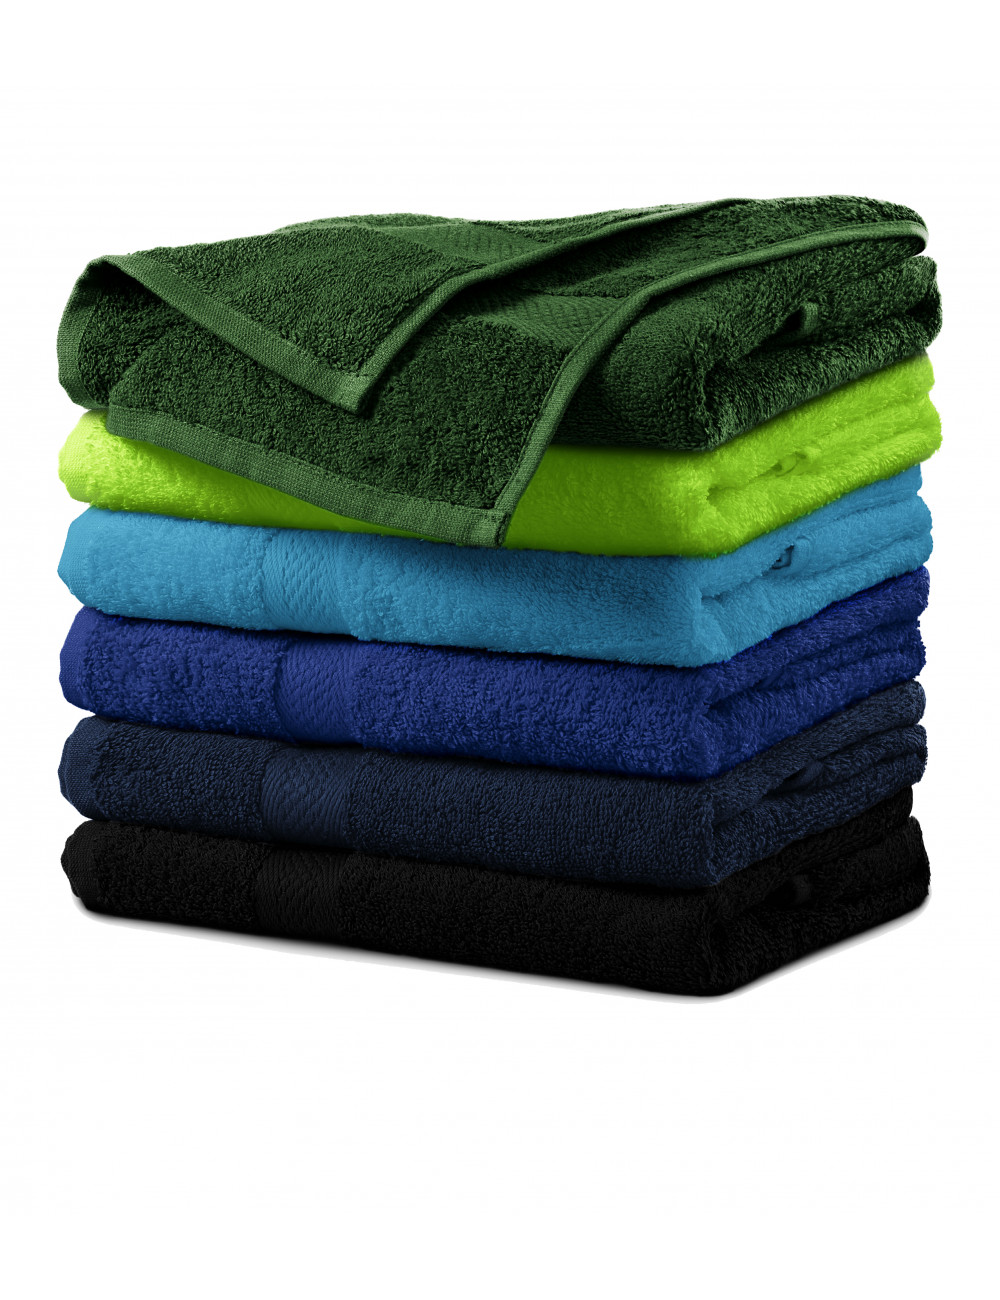 Adler MALFINI Ręcznik duży unisex Terry Bath Towel 905 czarny